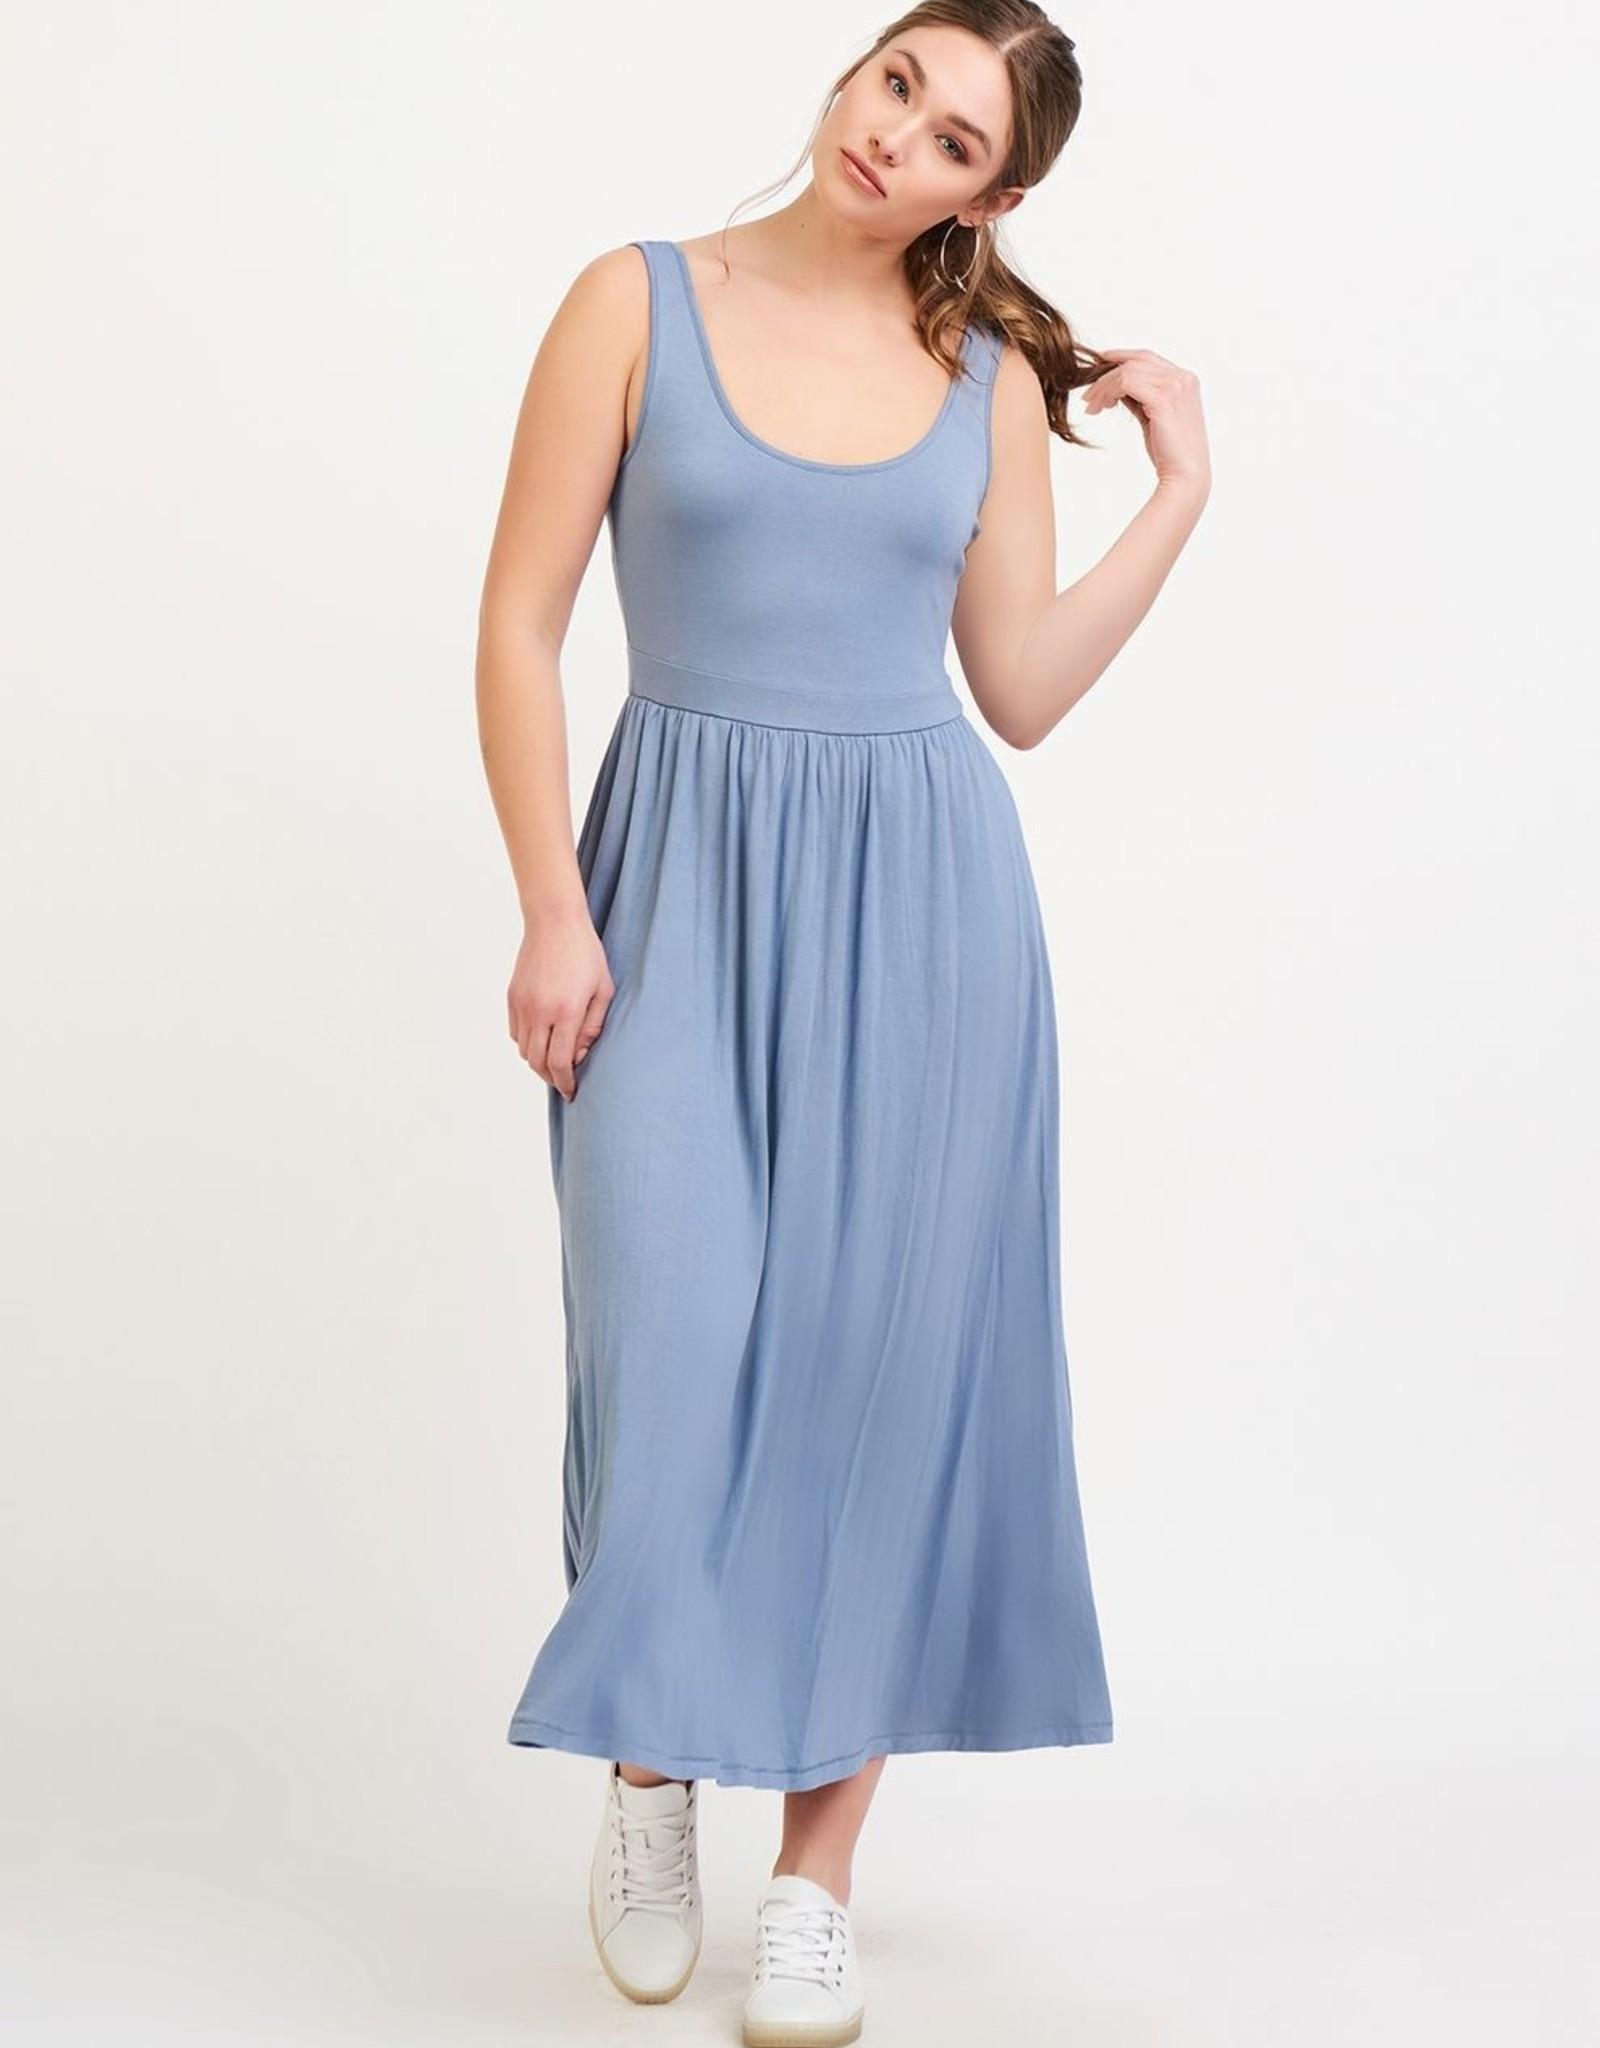 Black Tape True Blue Midi Dress